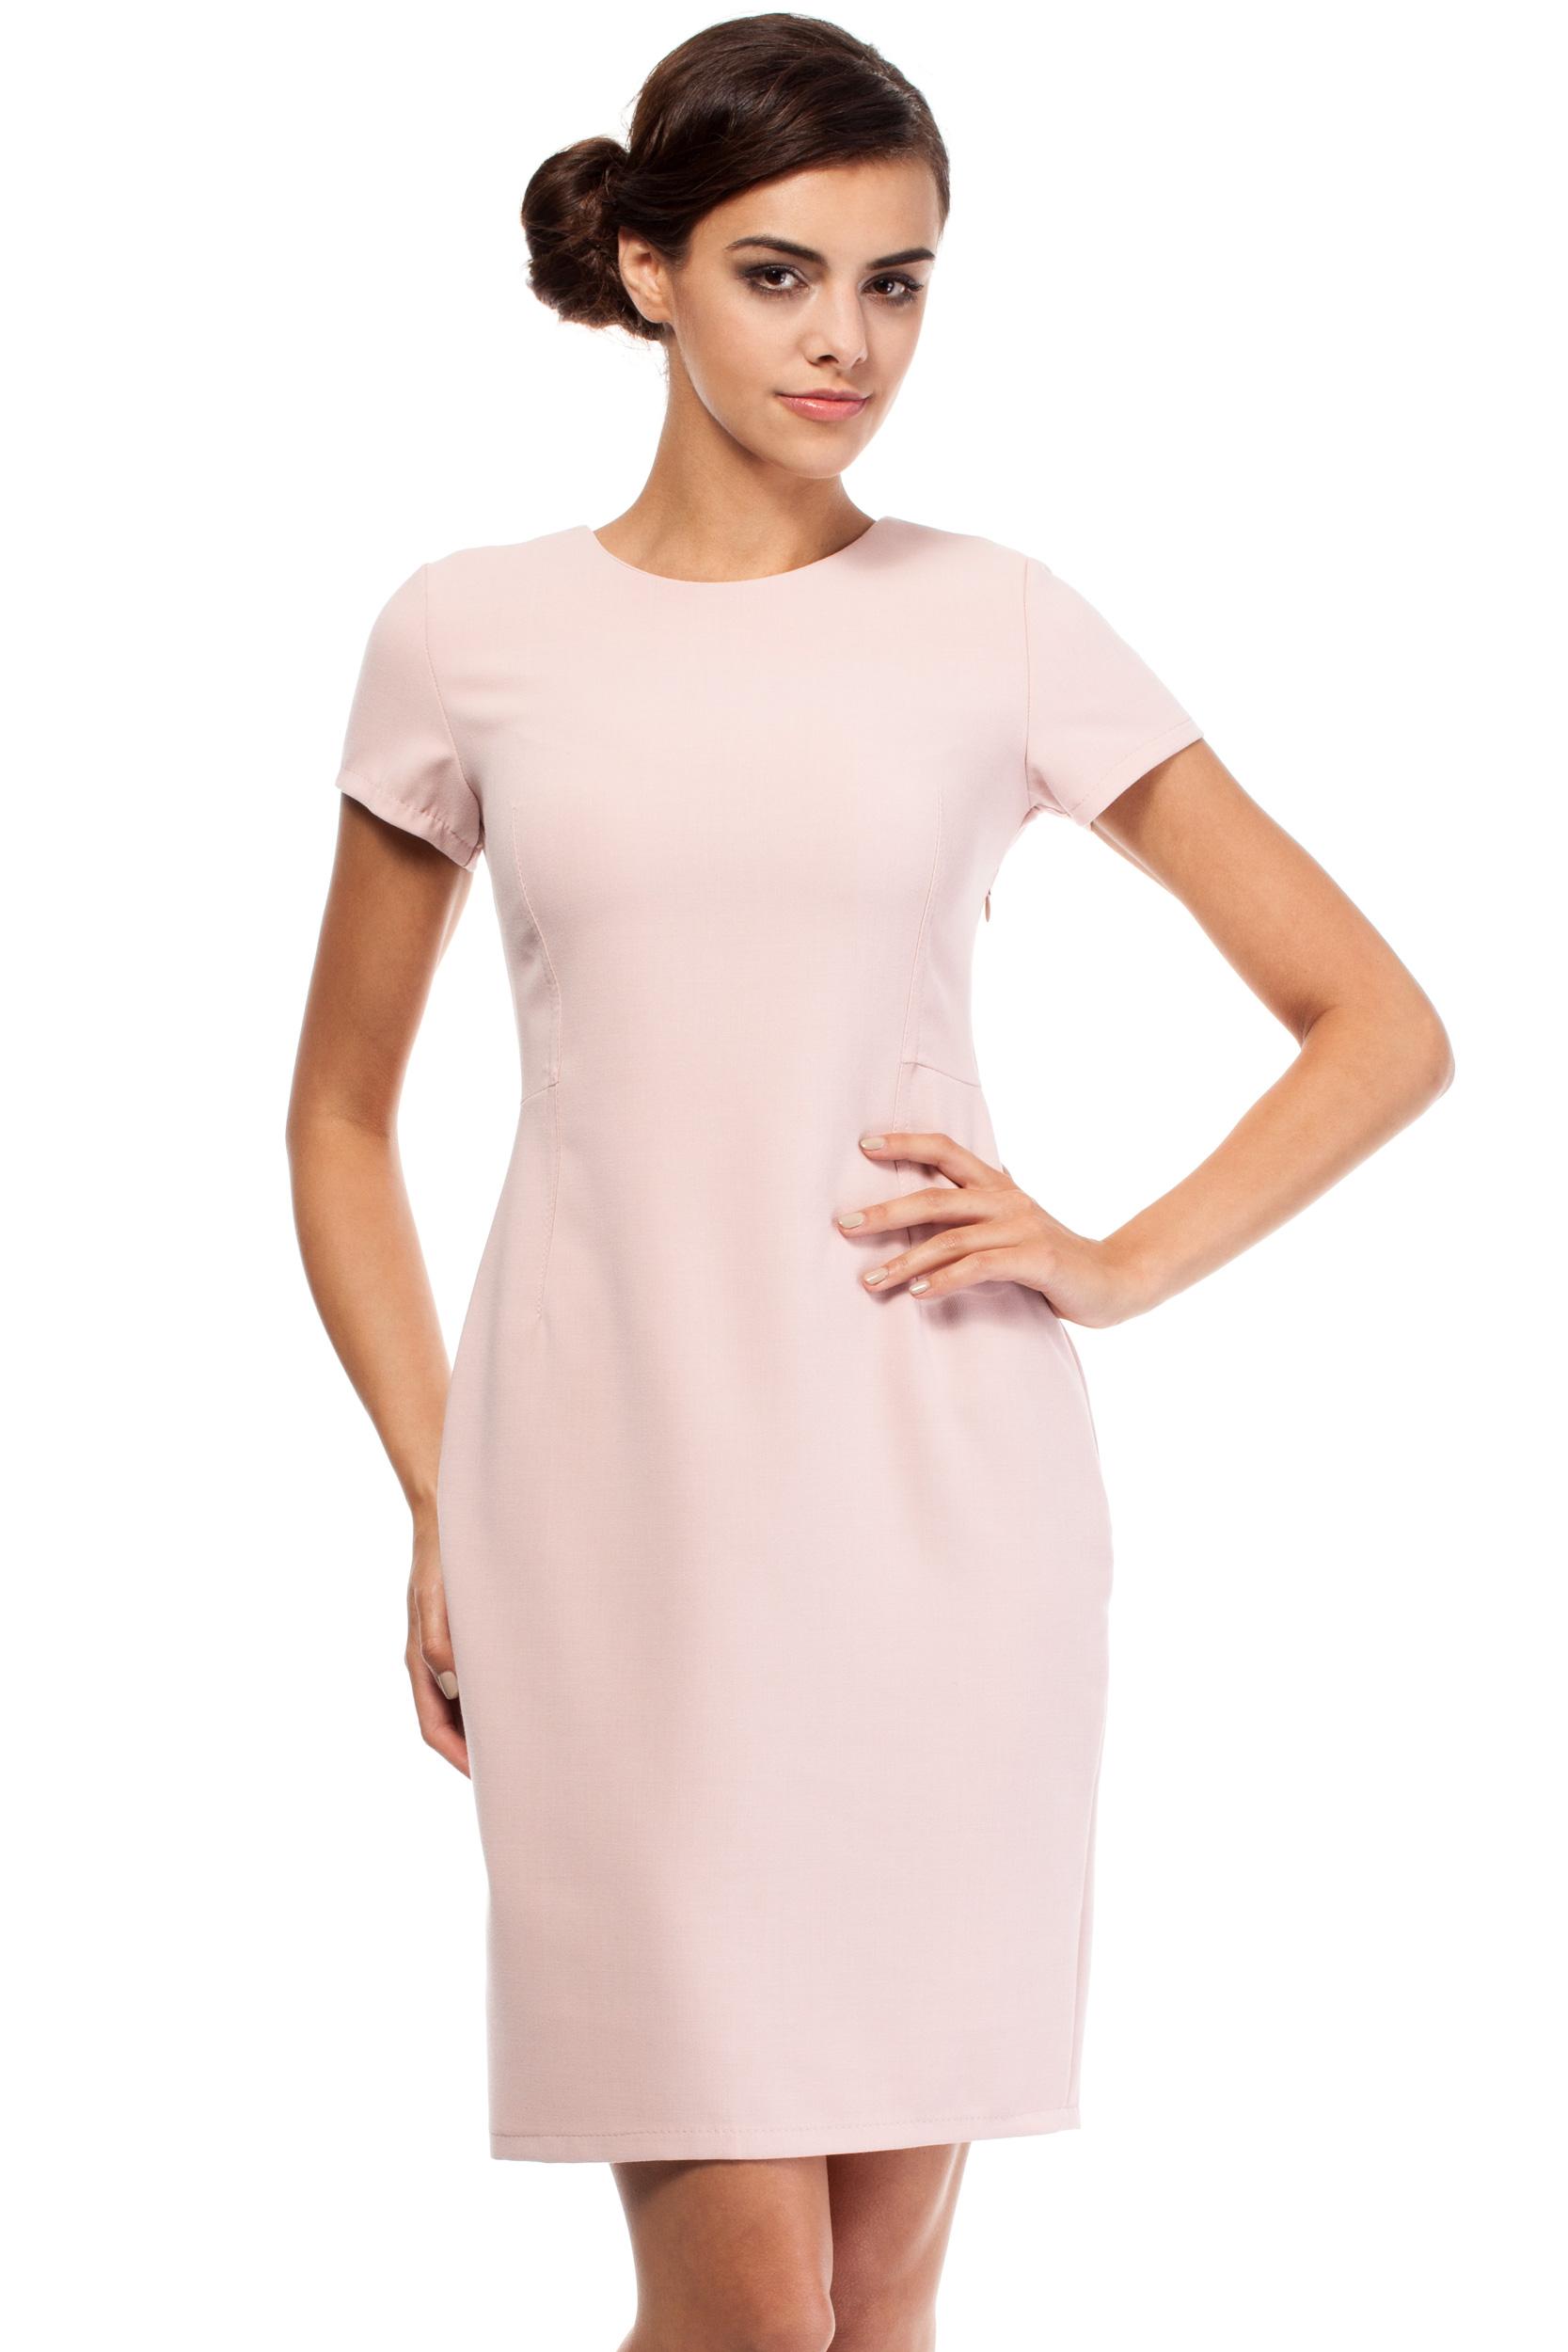 Večerní šaty  model 44550 Moe